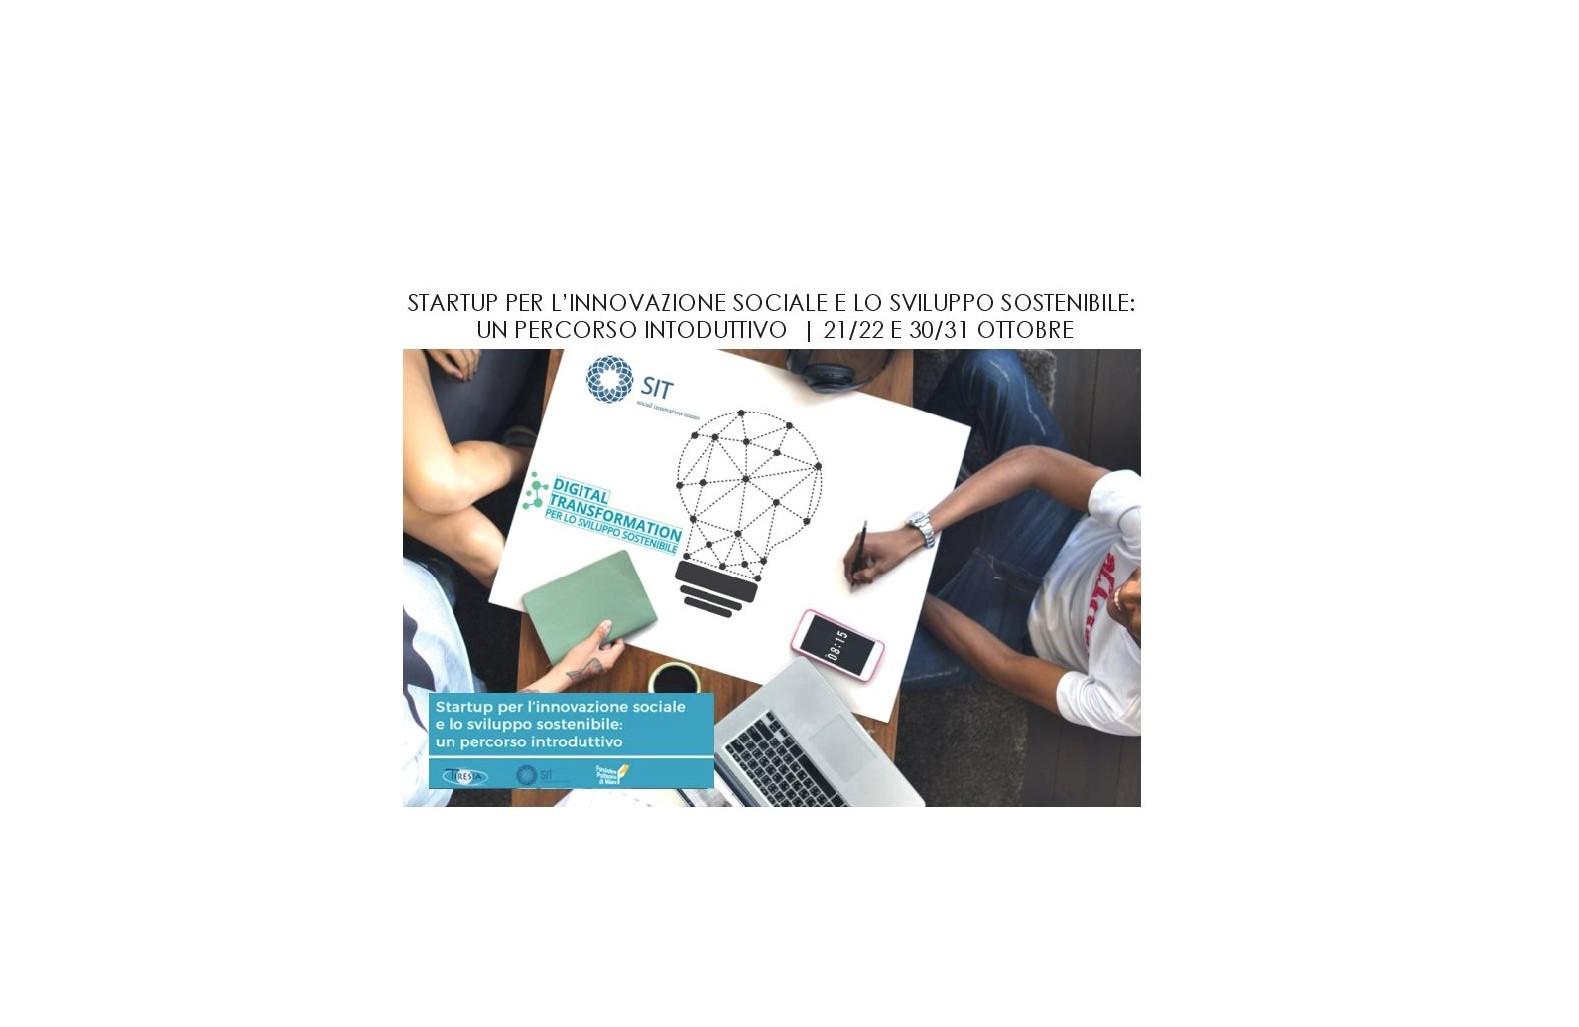 Progetti di formazione sul tema imprenditorialità sociale - cover